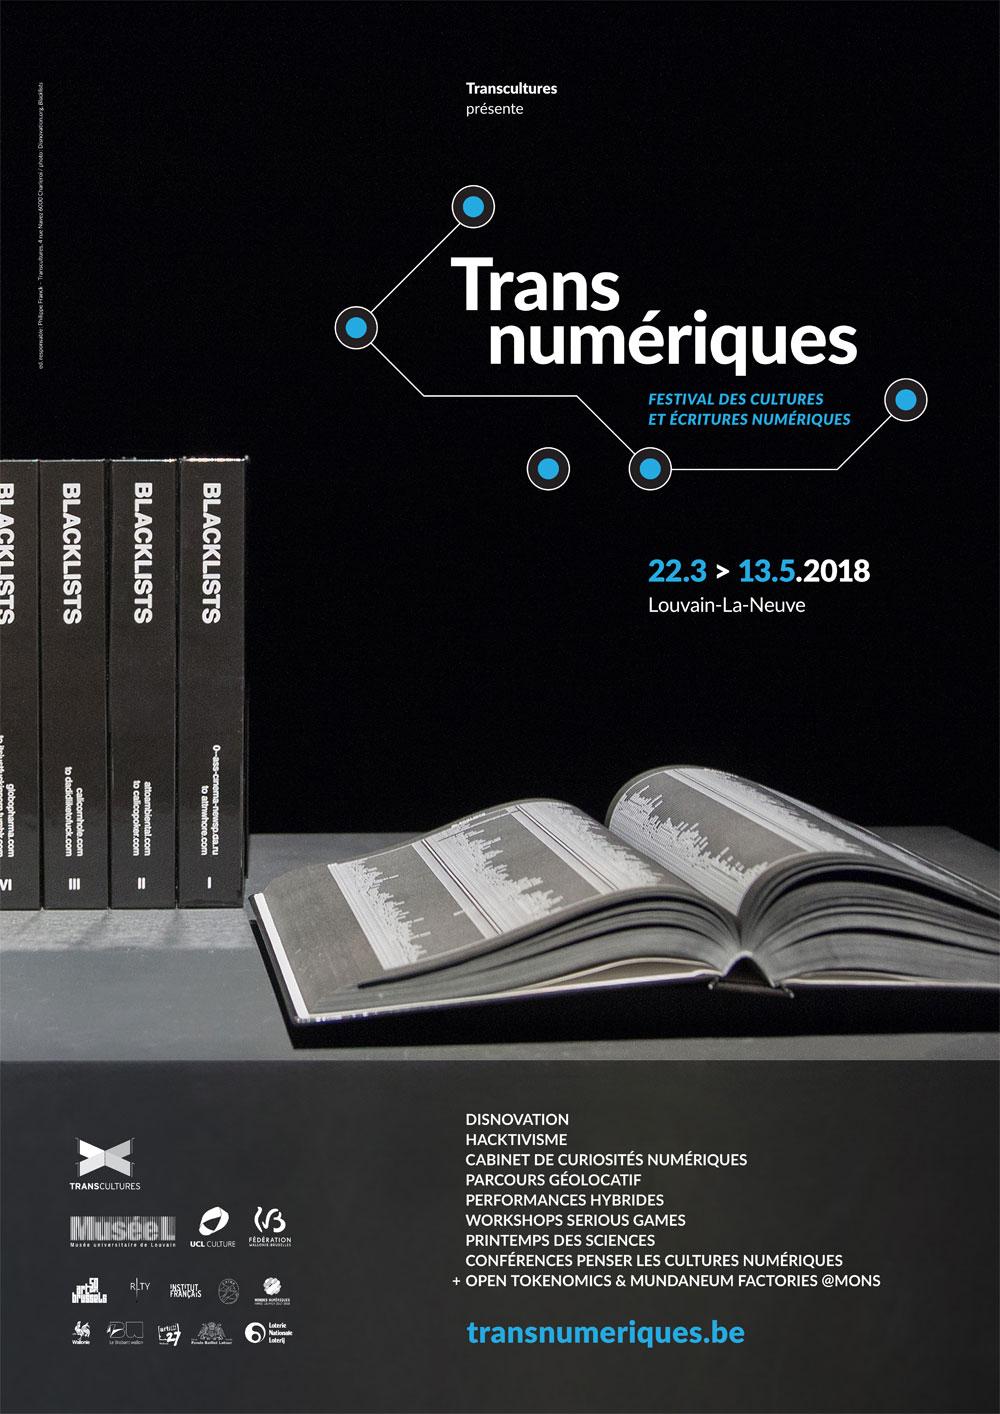 transnumeriques_affiche-05-03_ecritures-arts-numeriques_transcultures-2018